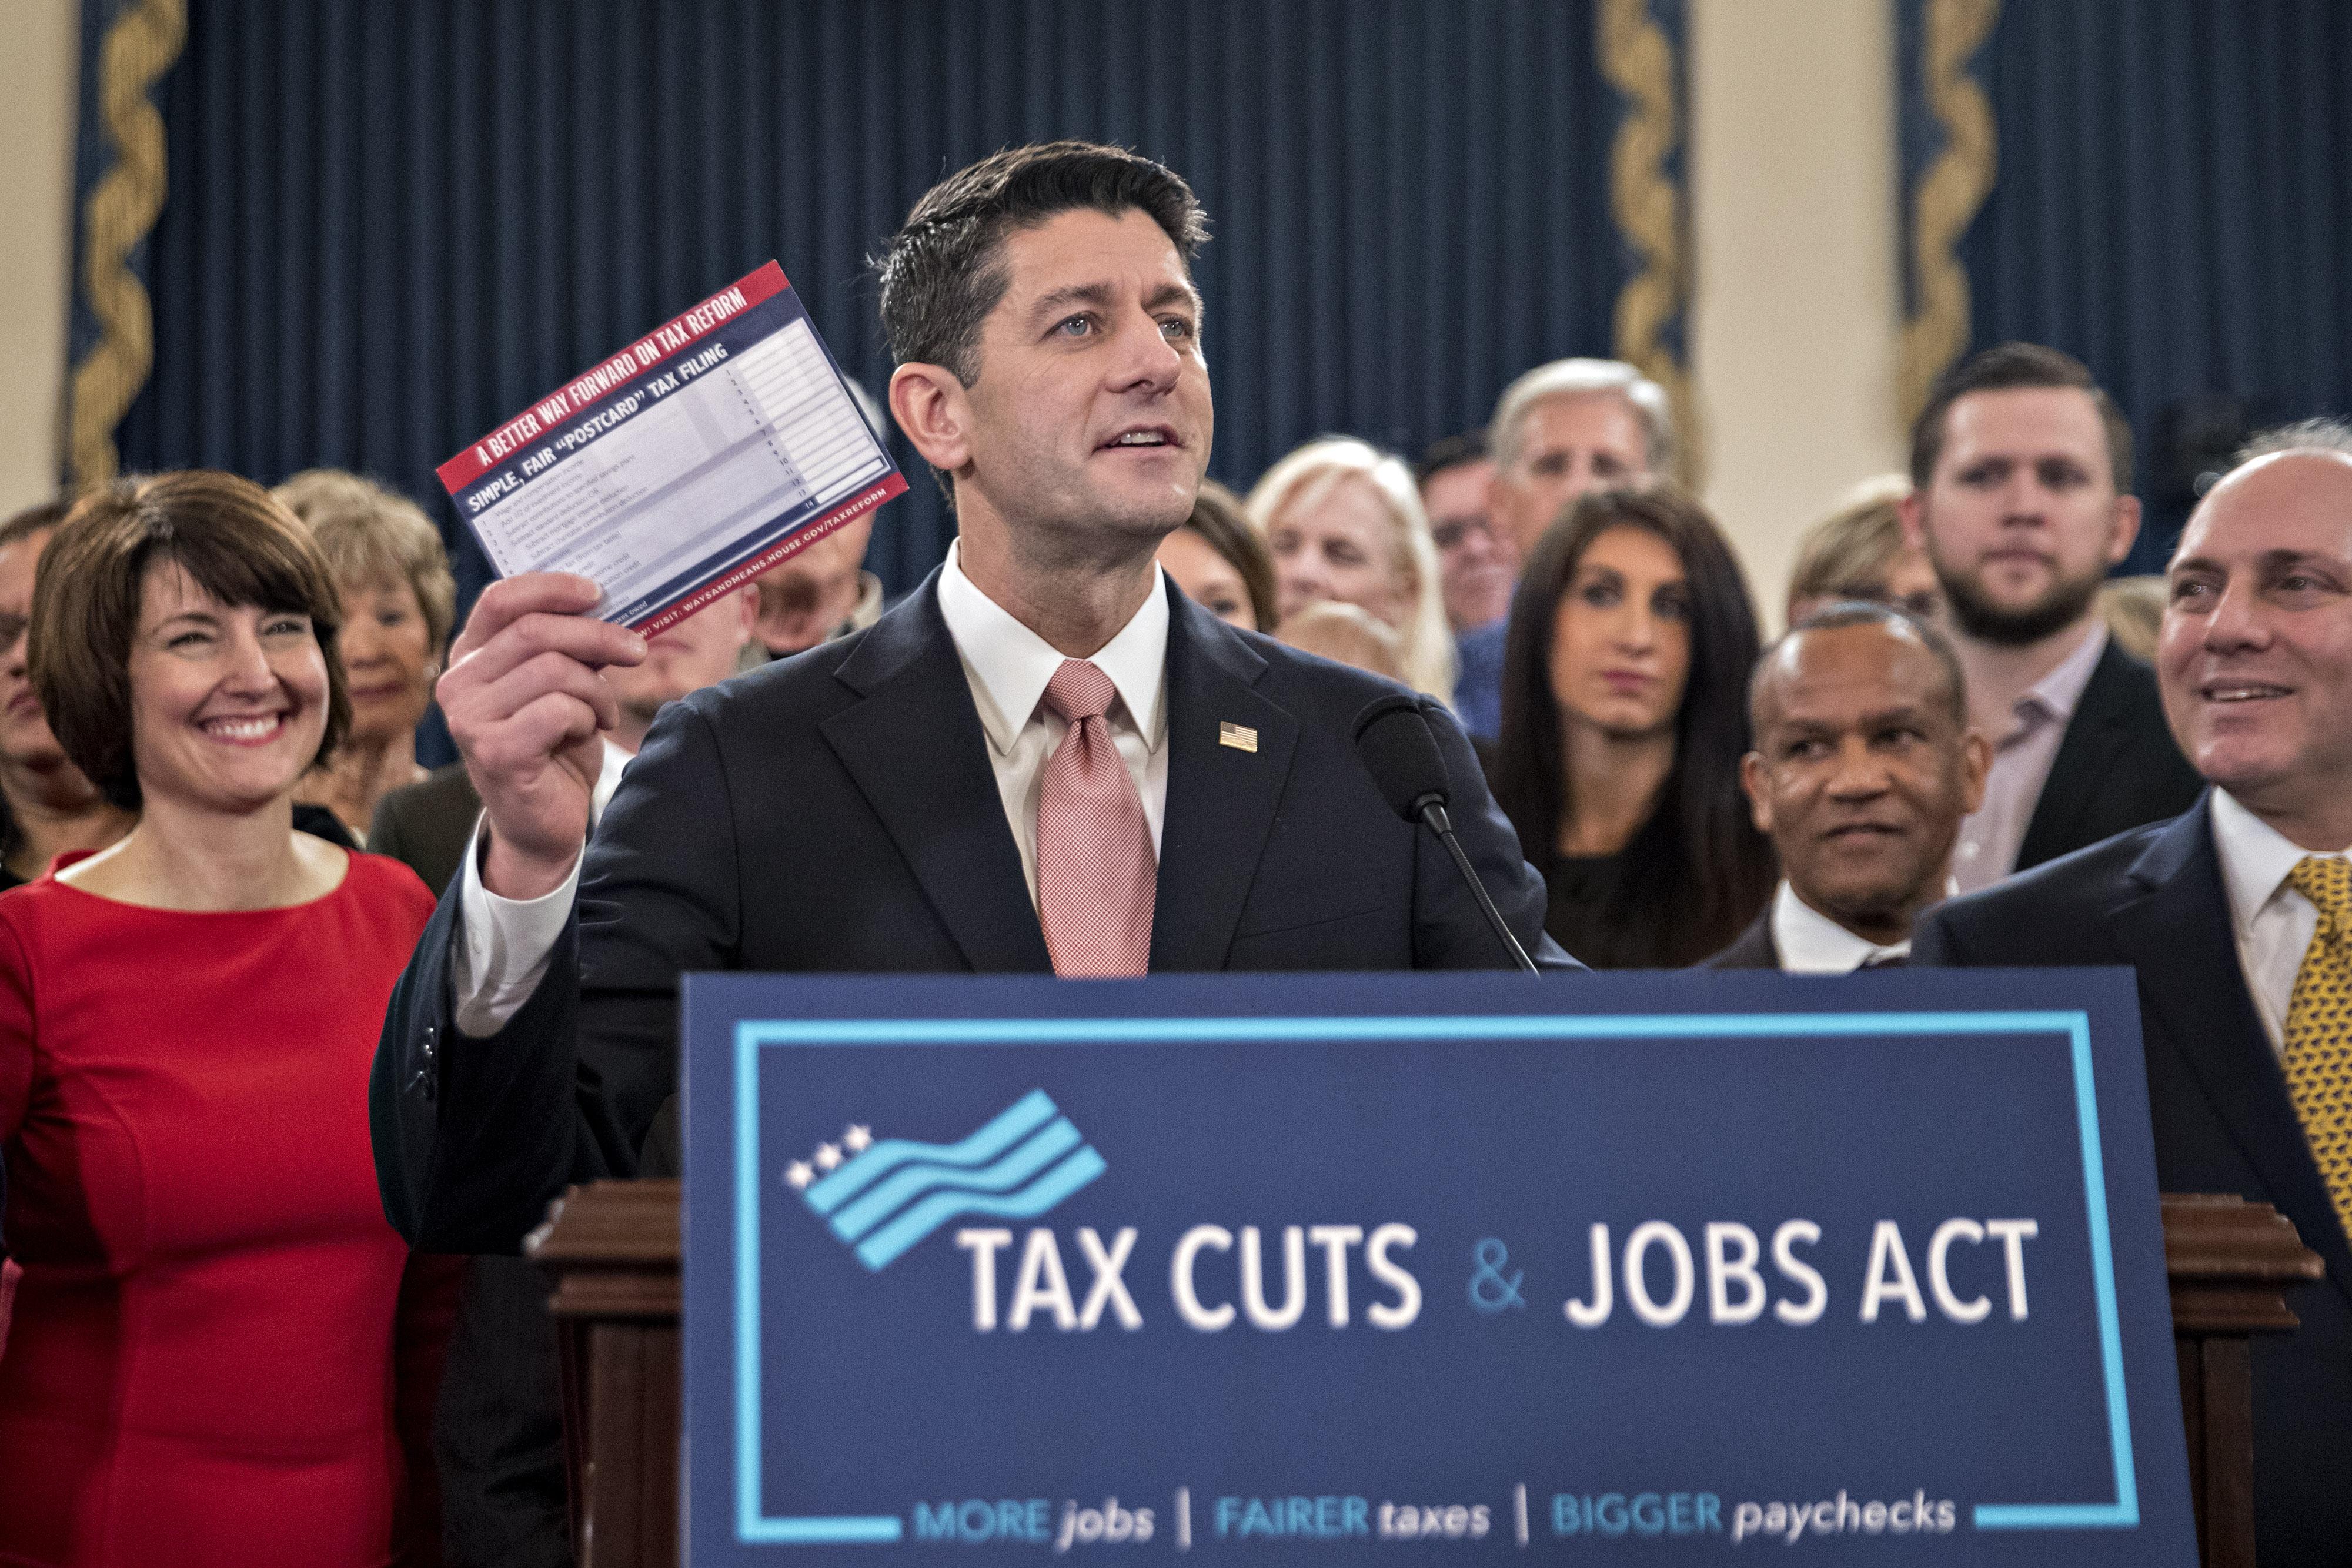 https://assets.sourcemedia.com/4a/15/caf9a2984abd8abdbf41538d8d1d/taxreform.Bloomberg.jpg